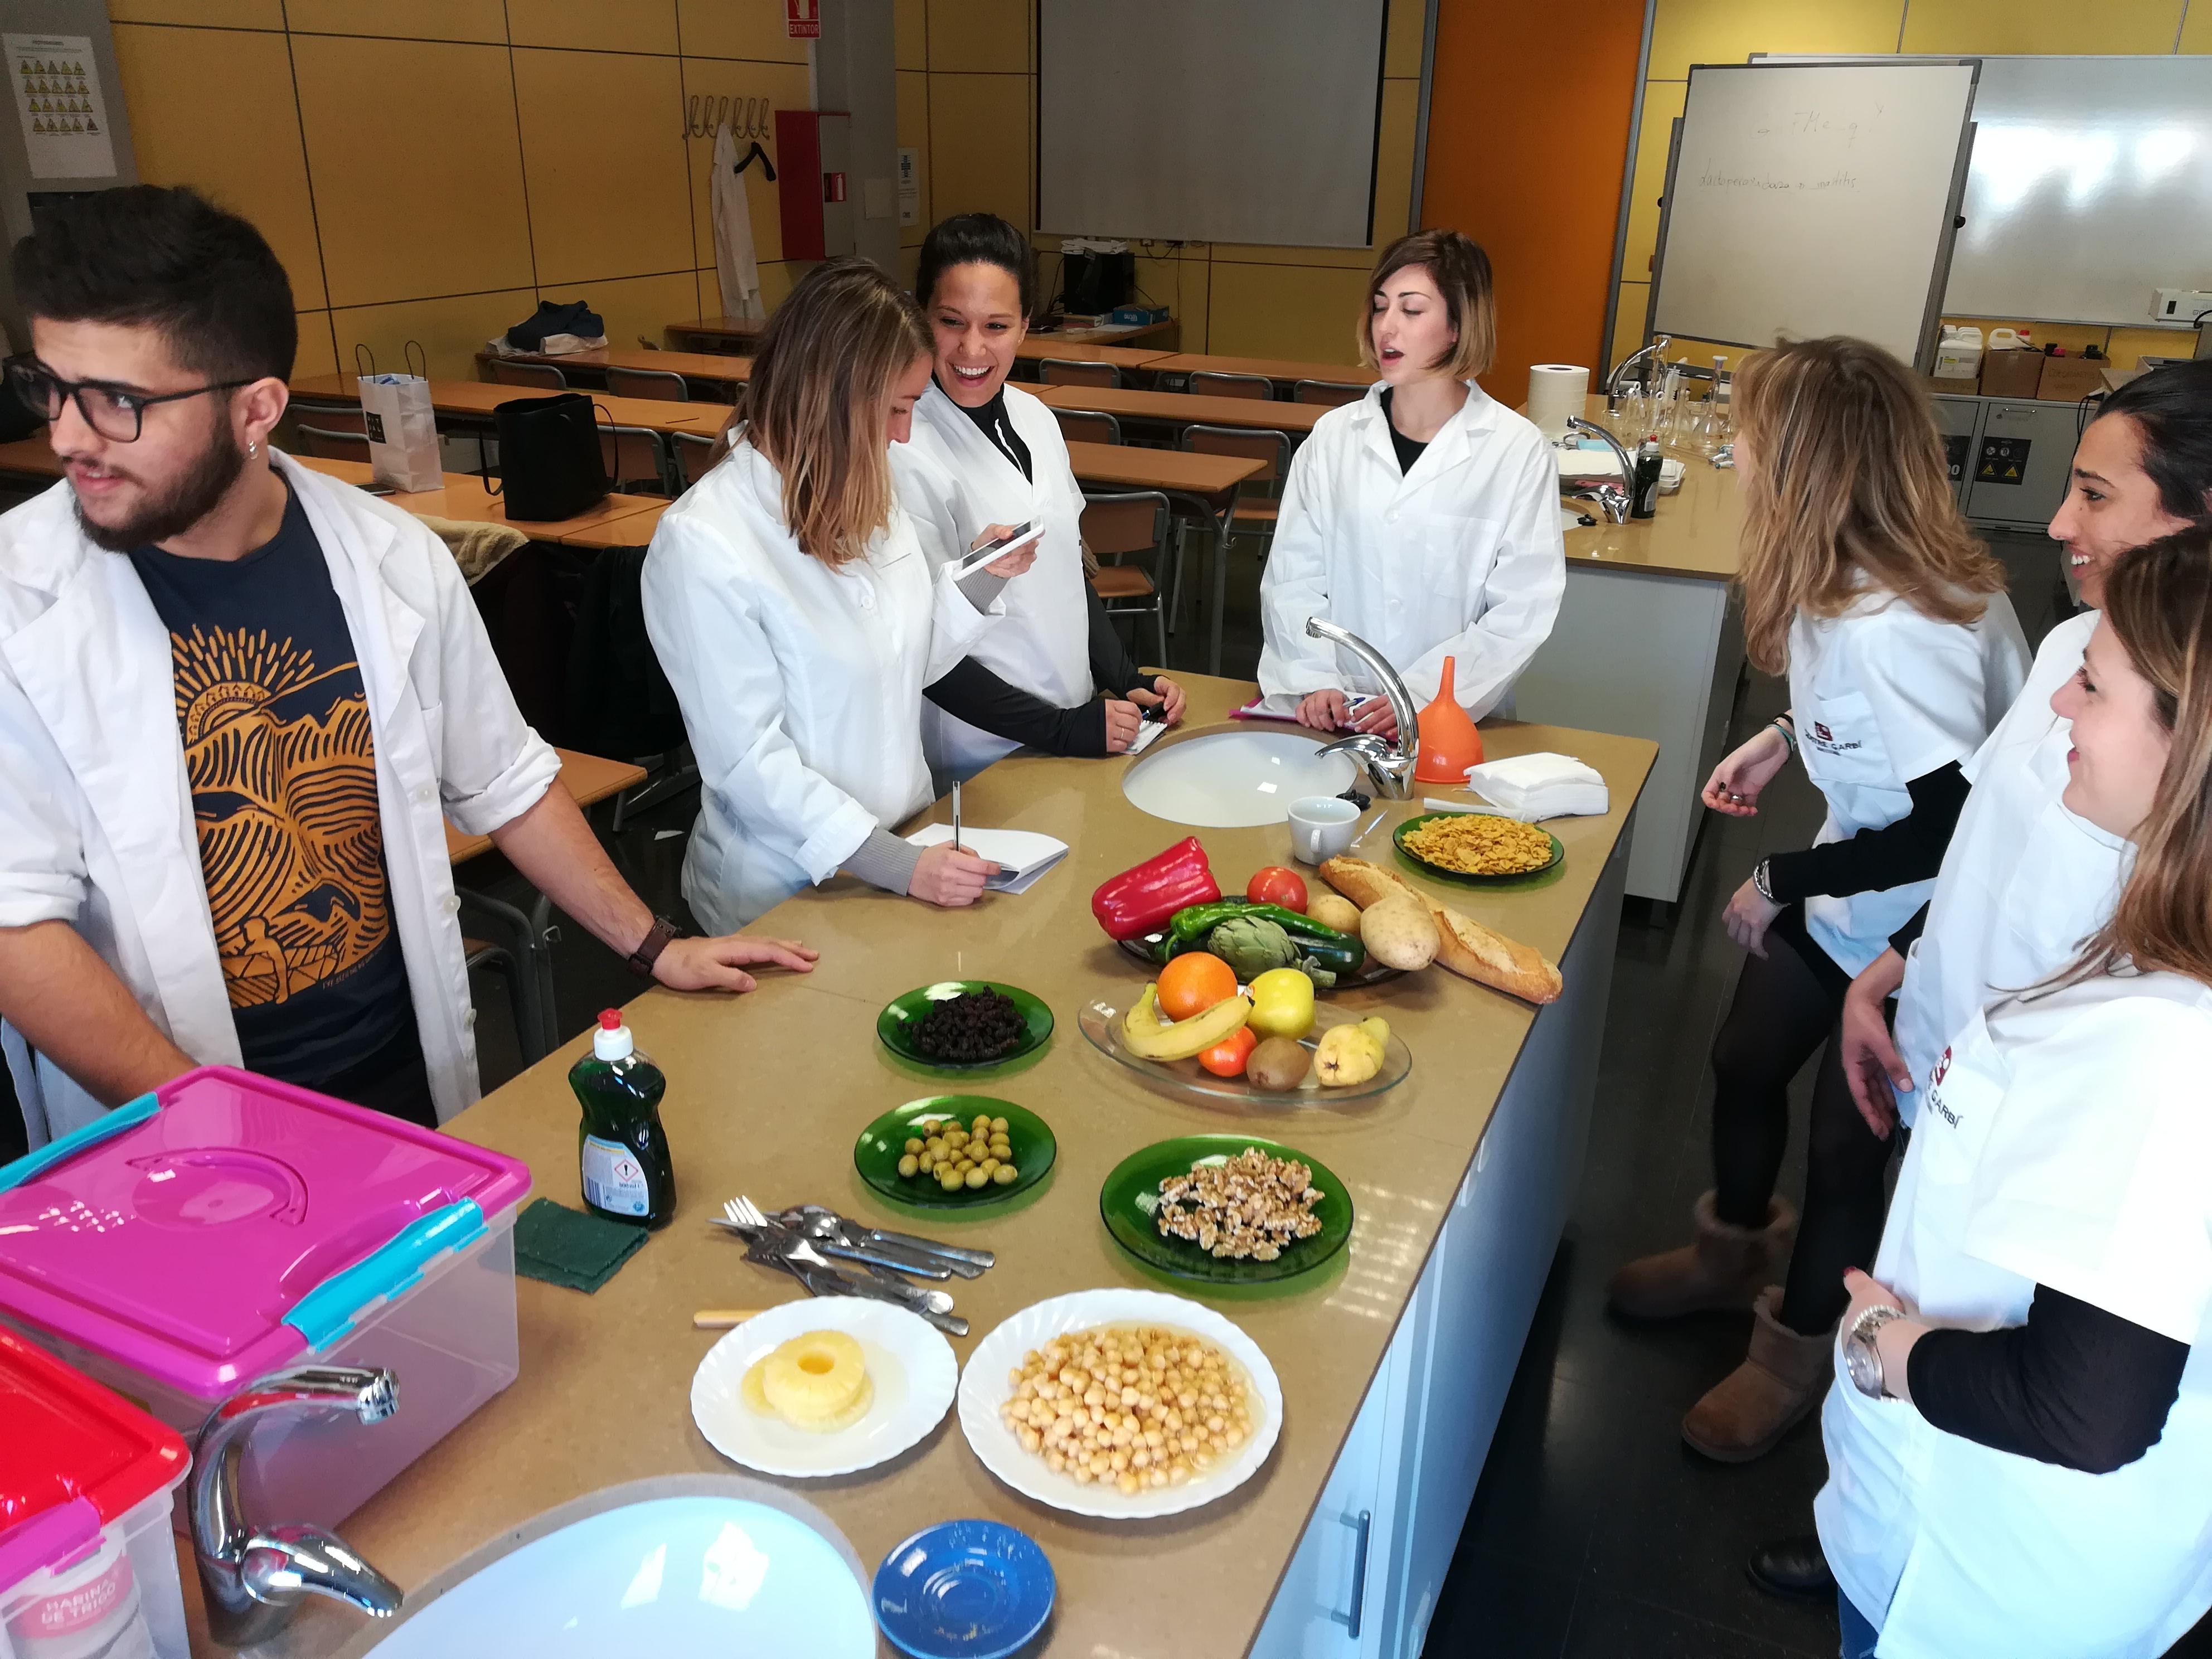 Els alumnes de 1r curs del cicle de Dietètica del Centre Garbí realitzen una activitat de pesatge emmarcada dins l'assignatura d'Alimentació Equilibrada